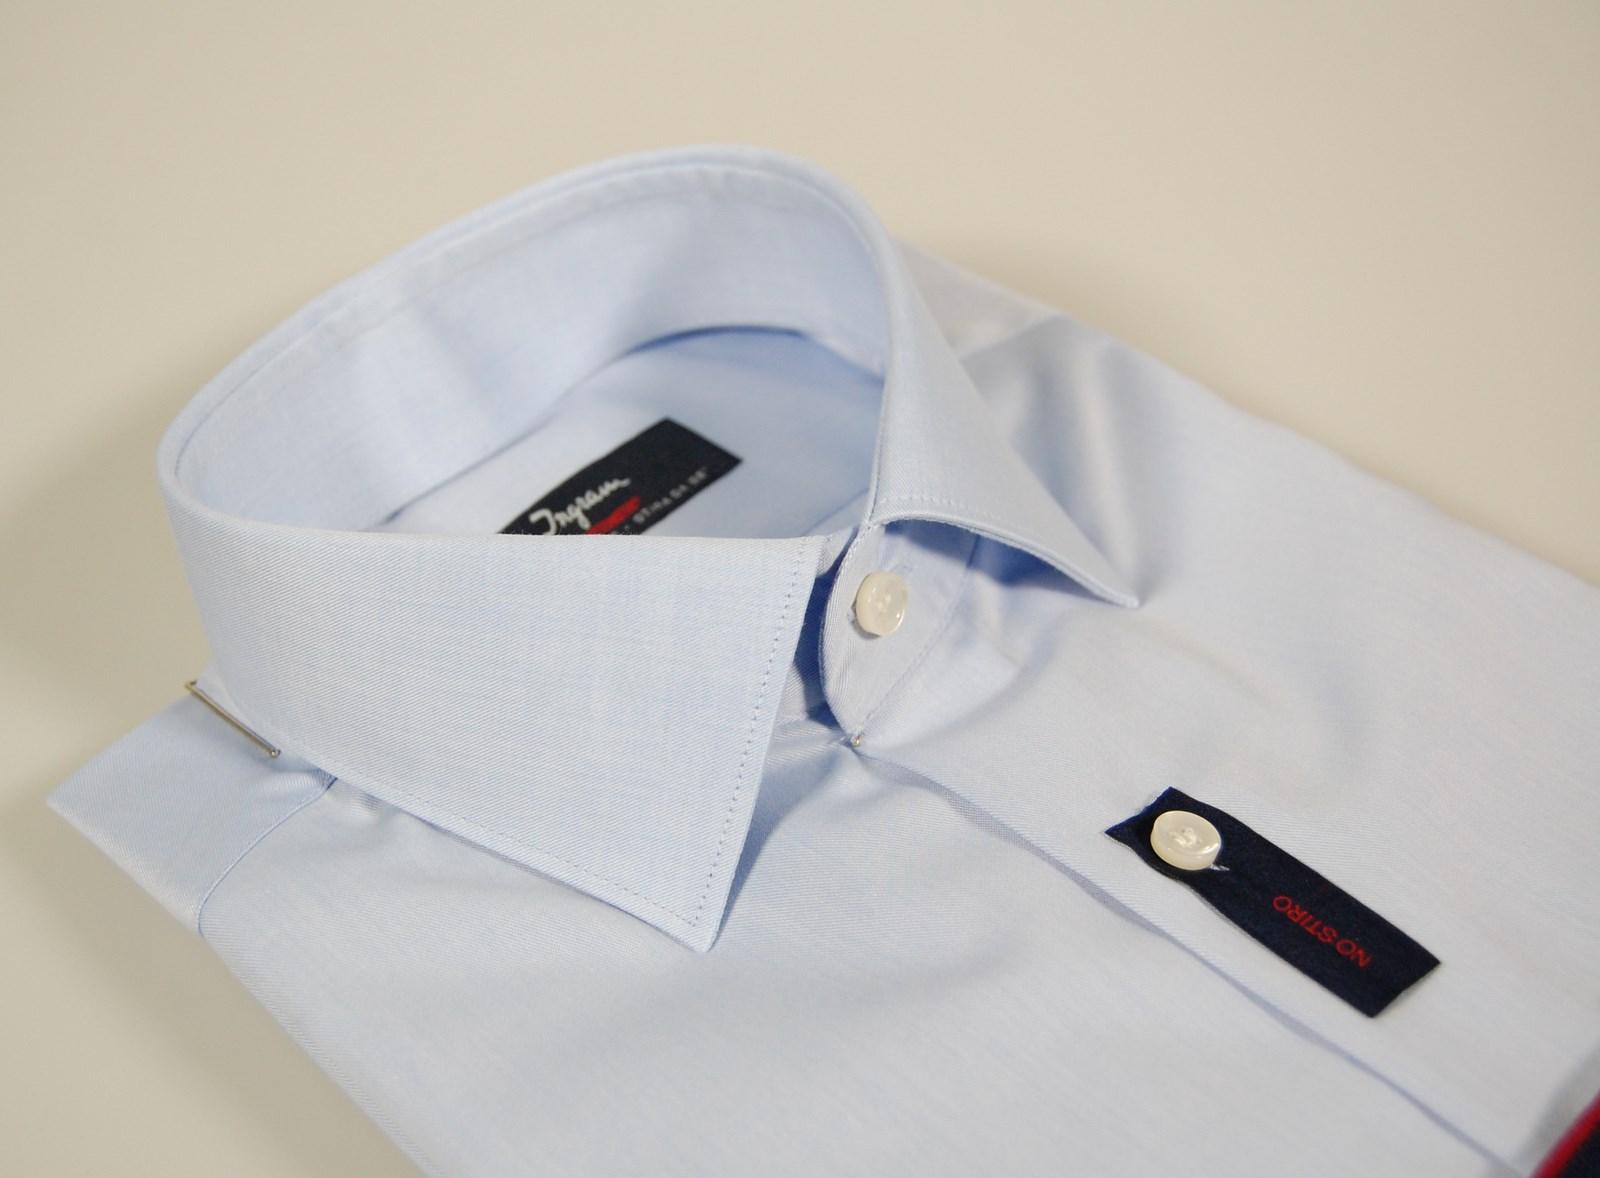 Camicia Moda Uomo Ingram Slim Fit Bianca Cotone No Stiro Cottonstir Taglia 38 S